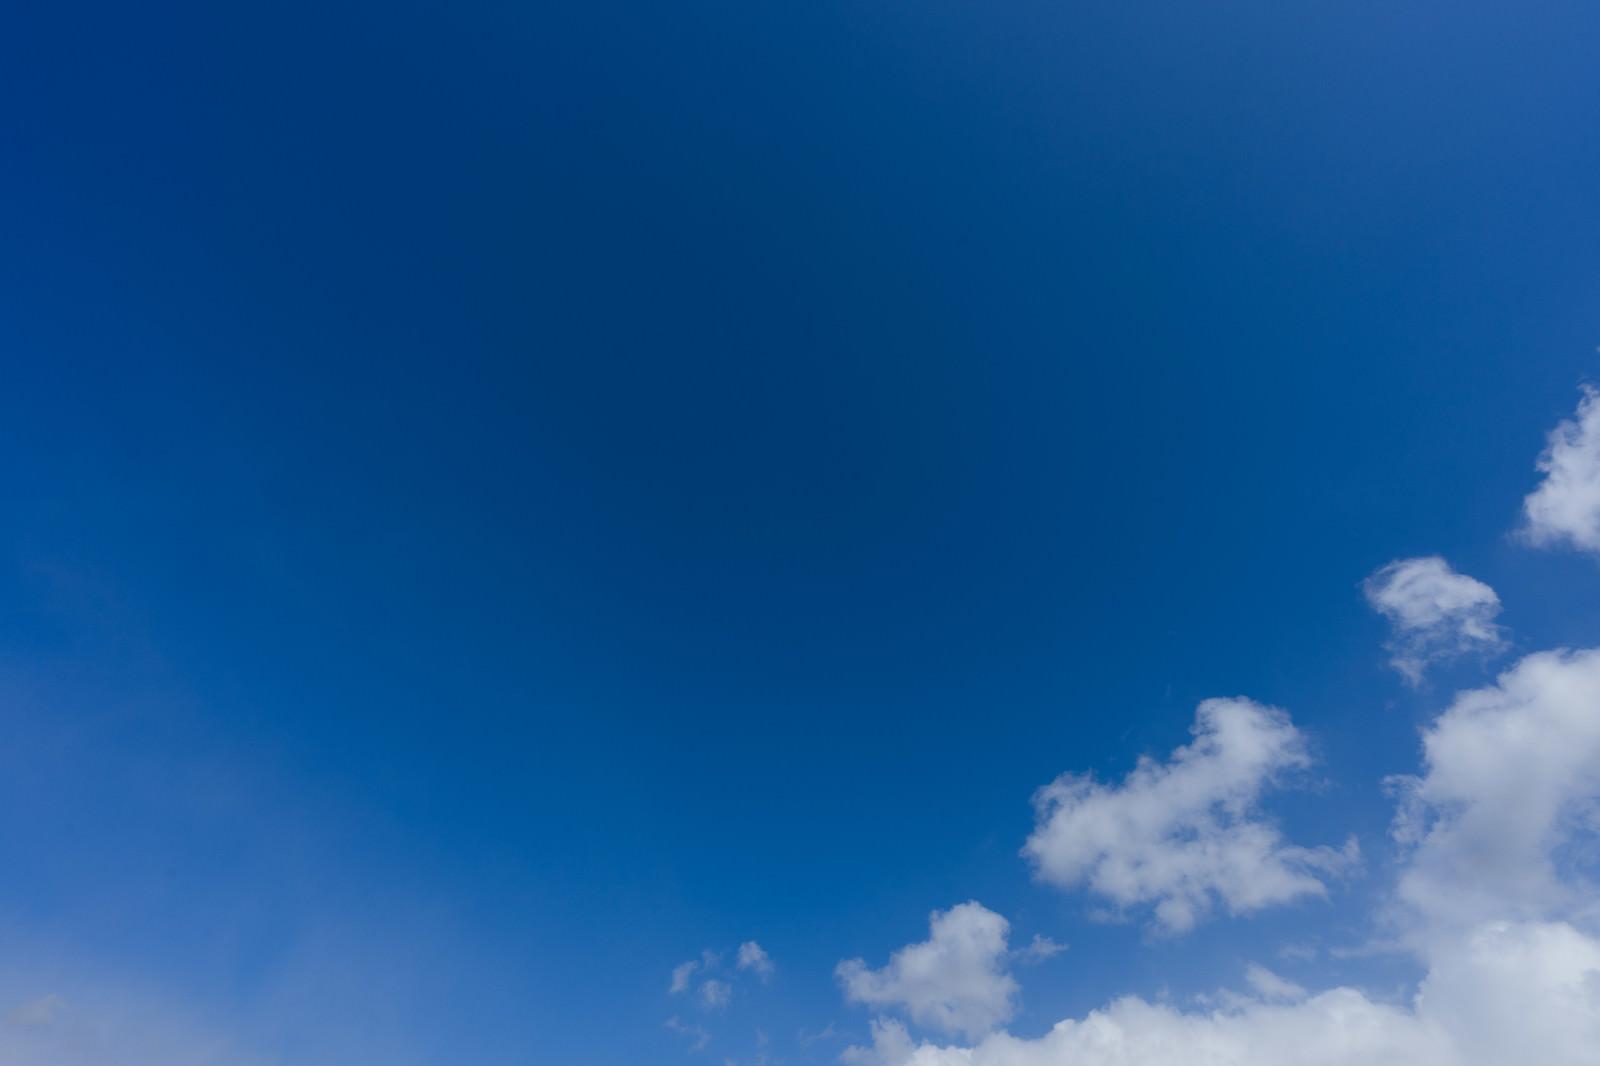 「青空と雲の一部青空と雲の一部」のフリー写真素材を拡大